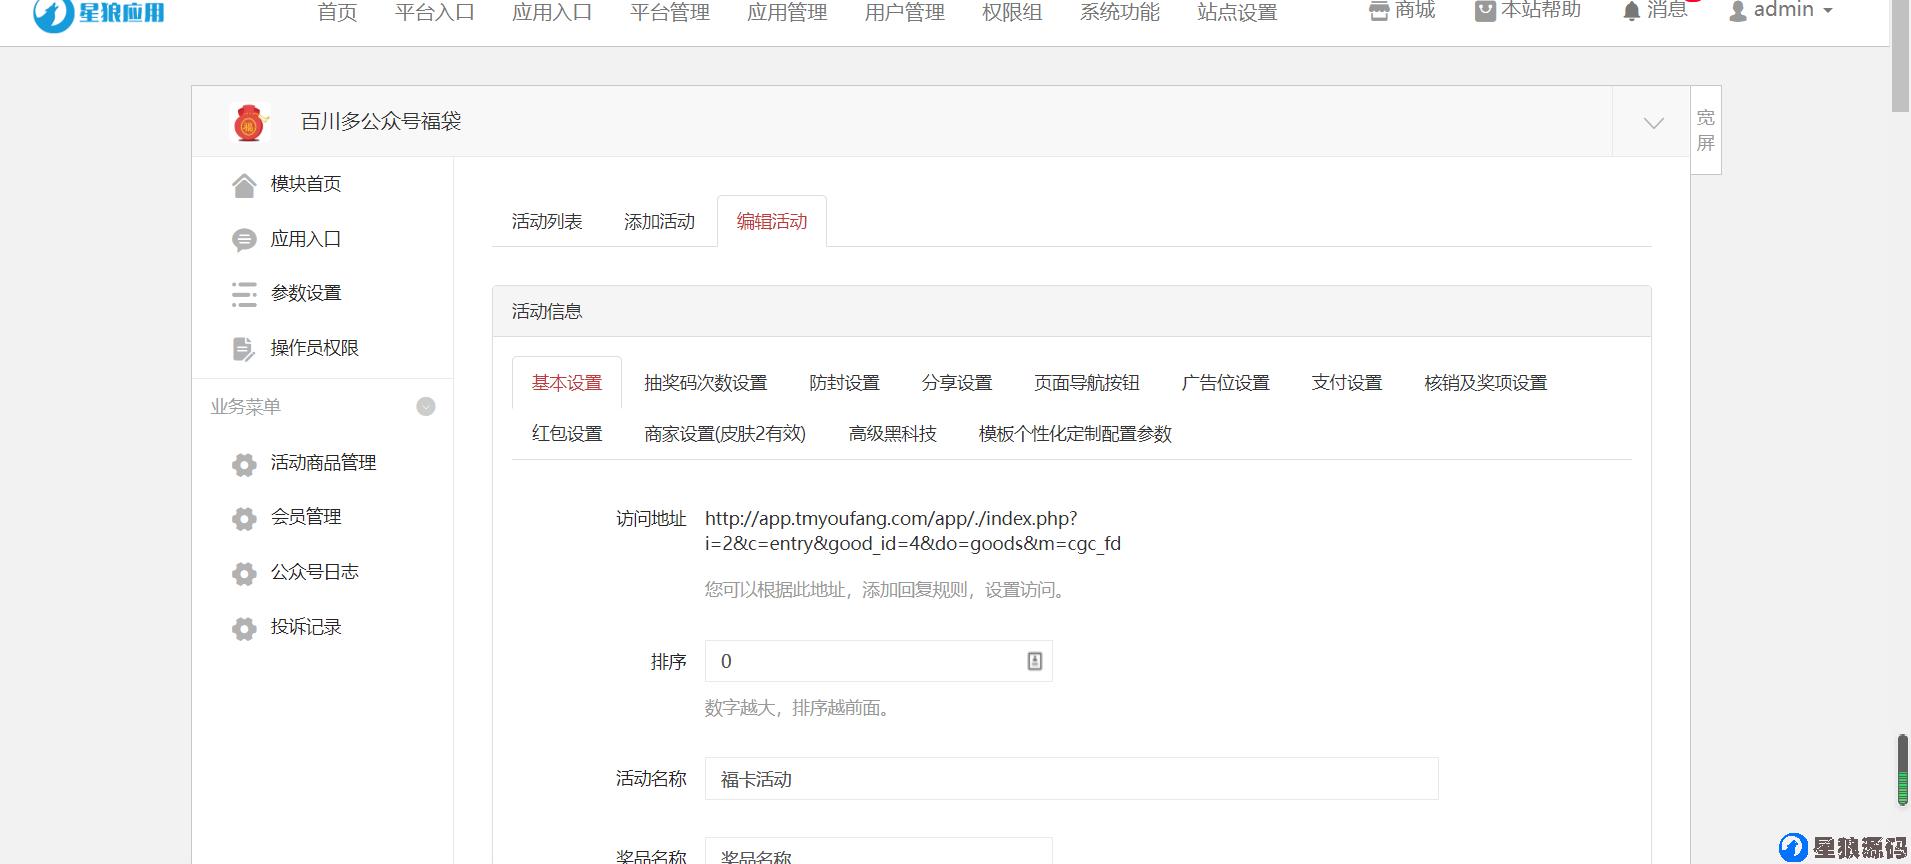 百川多公众号福袋2.5.6全开源运营版(星狼已测试) 第1张